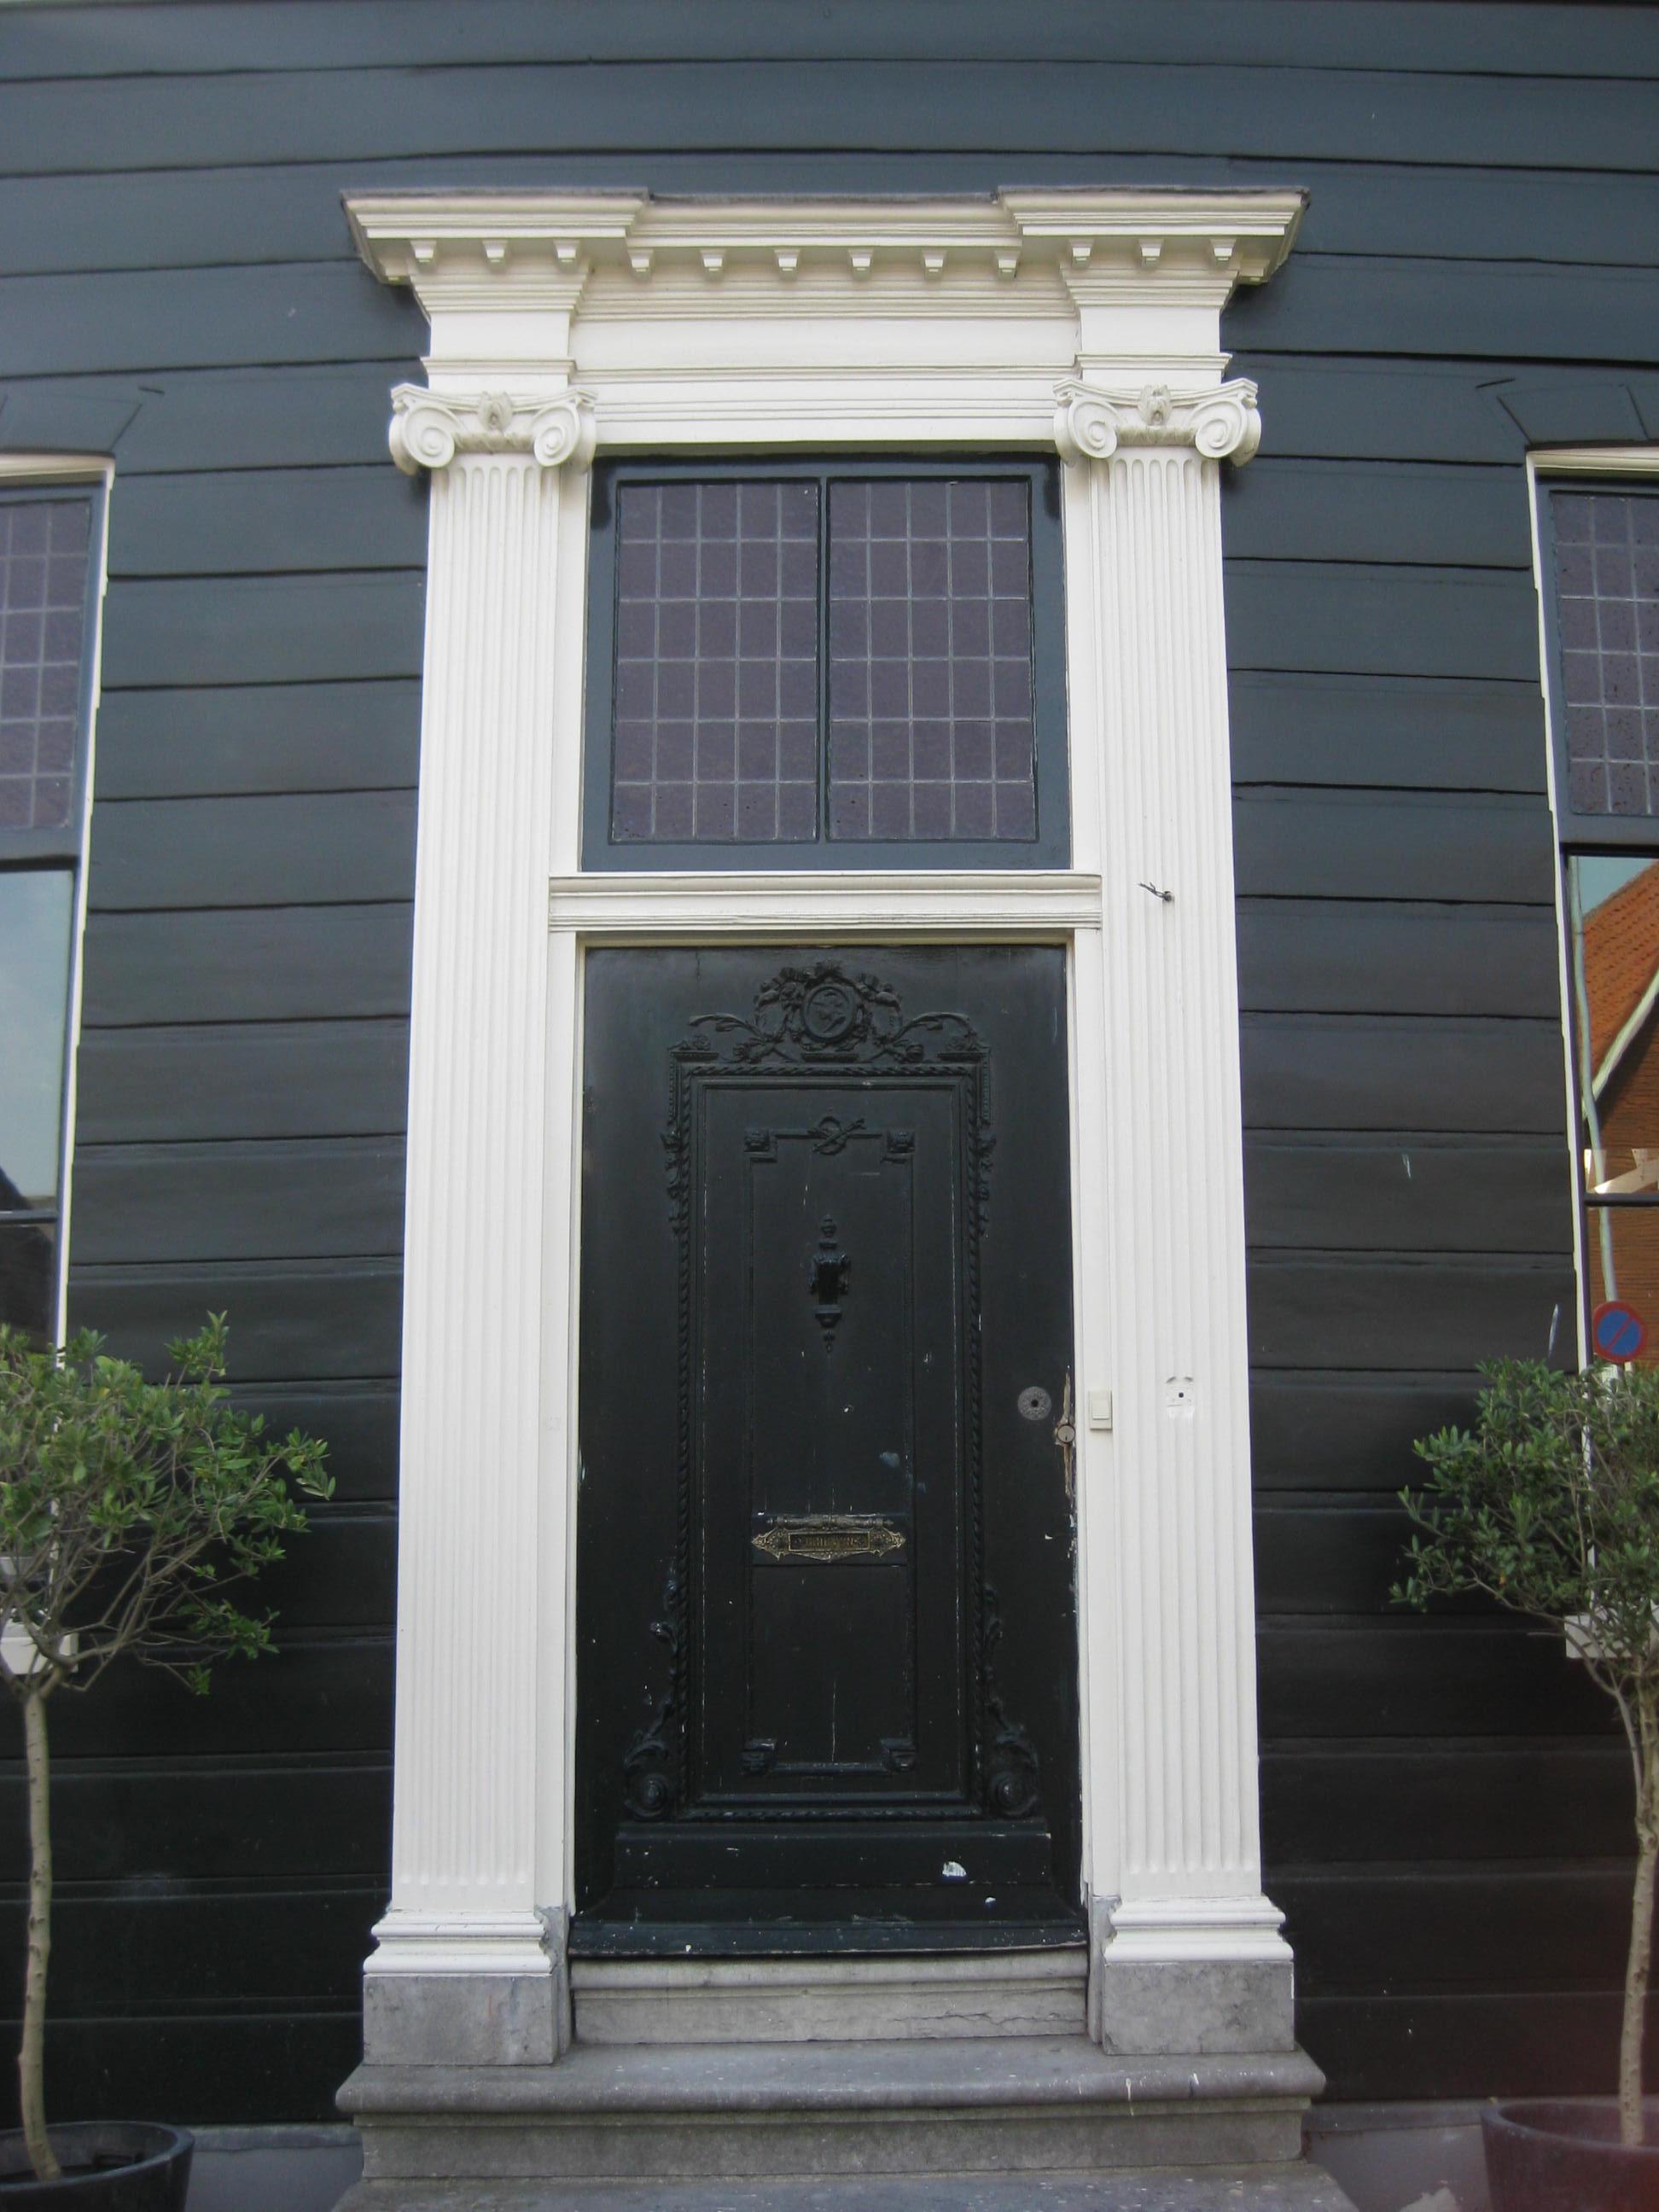 Houten huis met schilddak midden in de voorgevel een ingang met bovenlicht in een omlijsting - Ingang van een huis ...